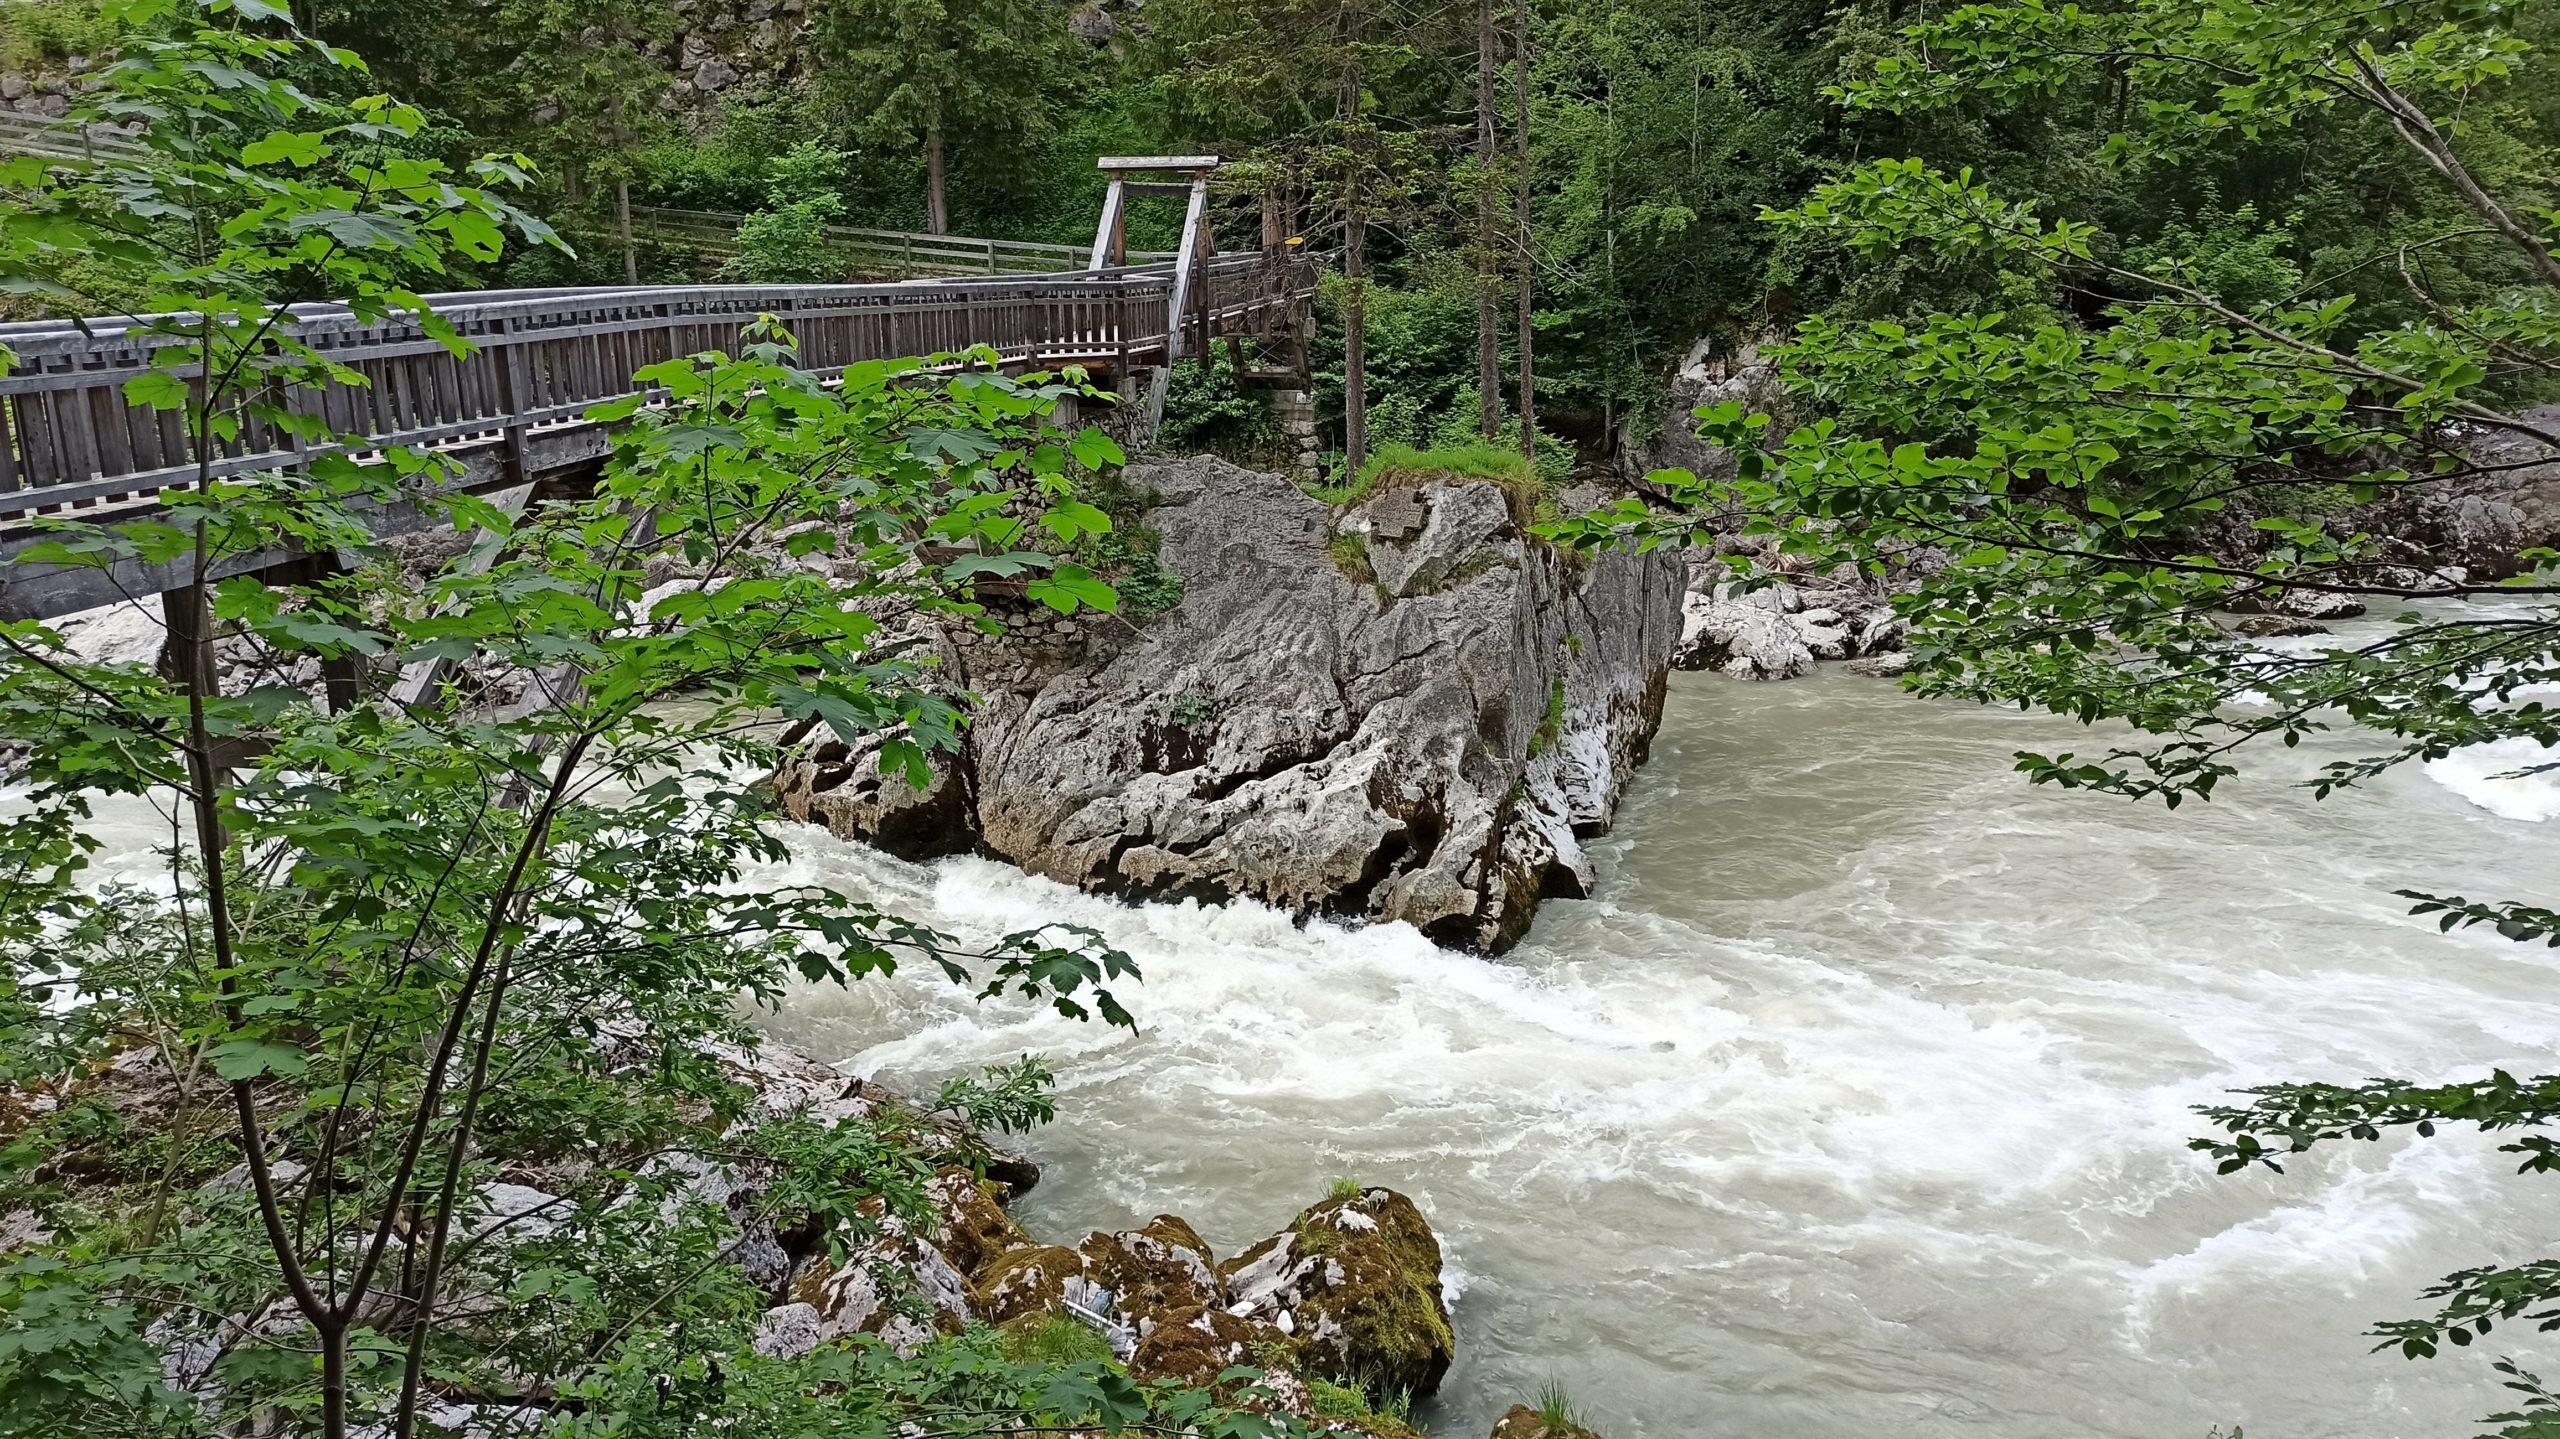 Über wildem Wasser und massivem Felsen überqueren wir die prächtige Holzbrücke